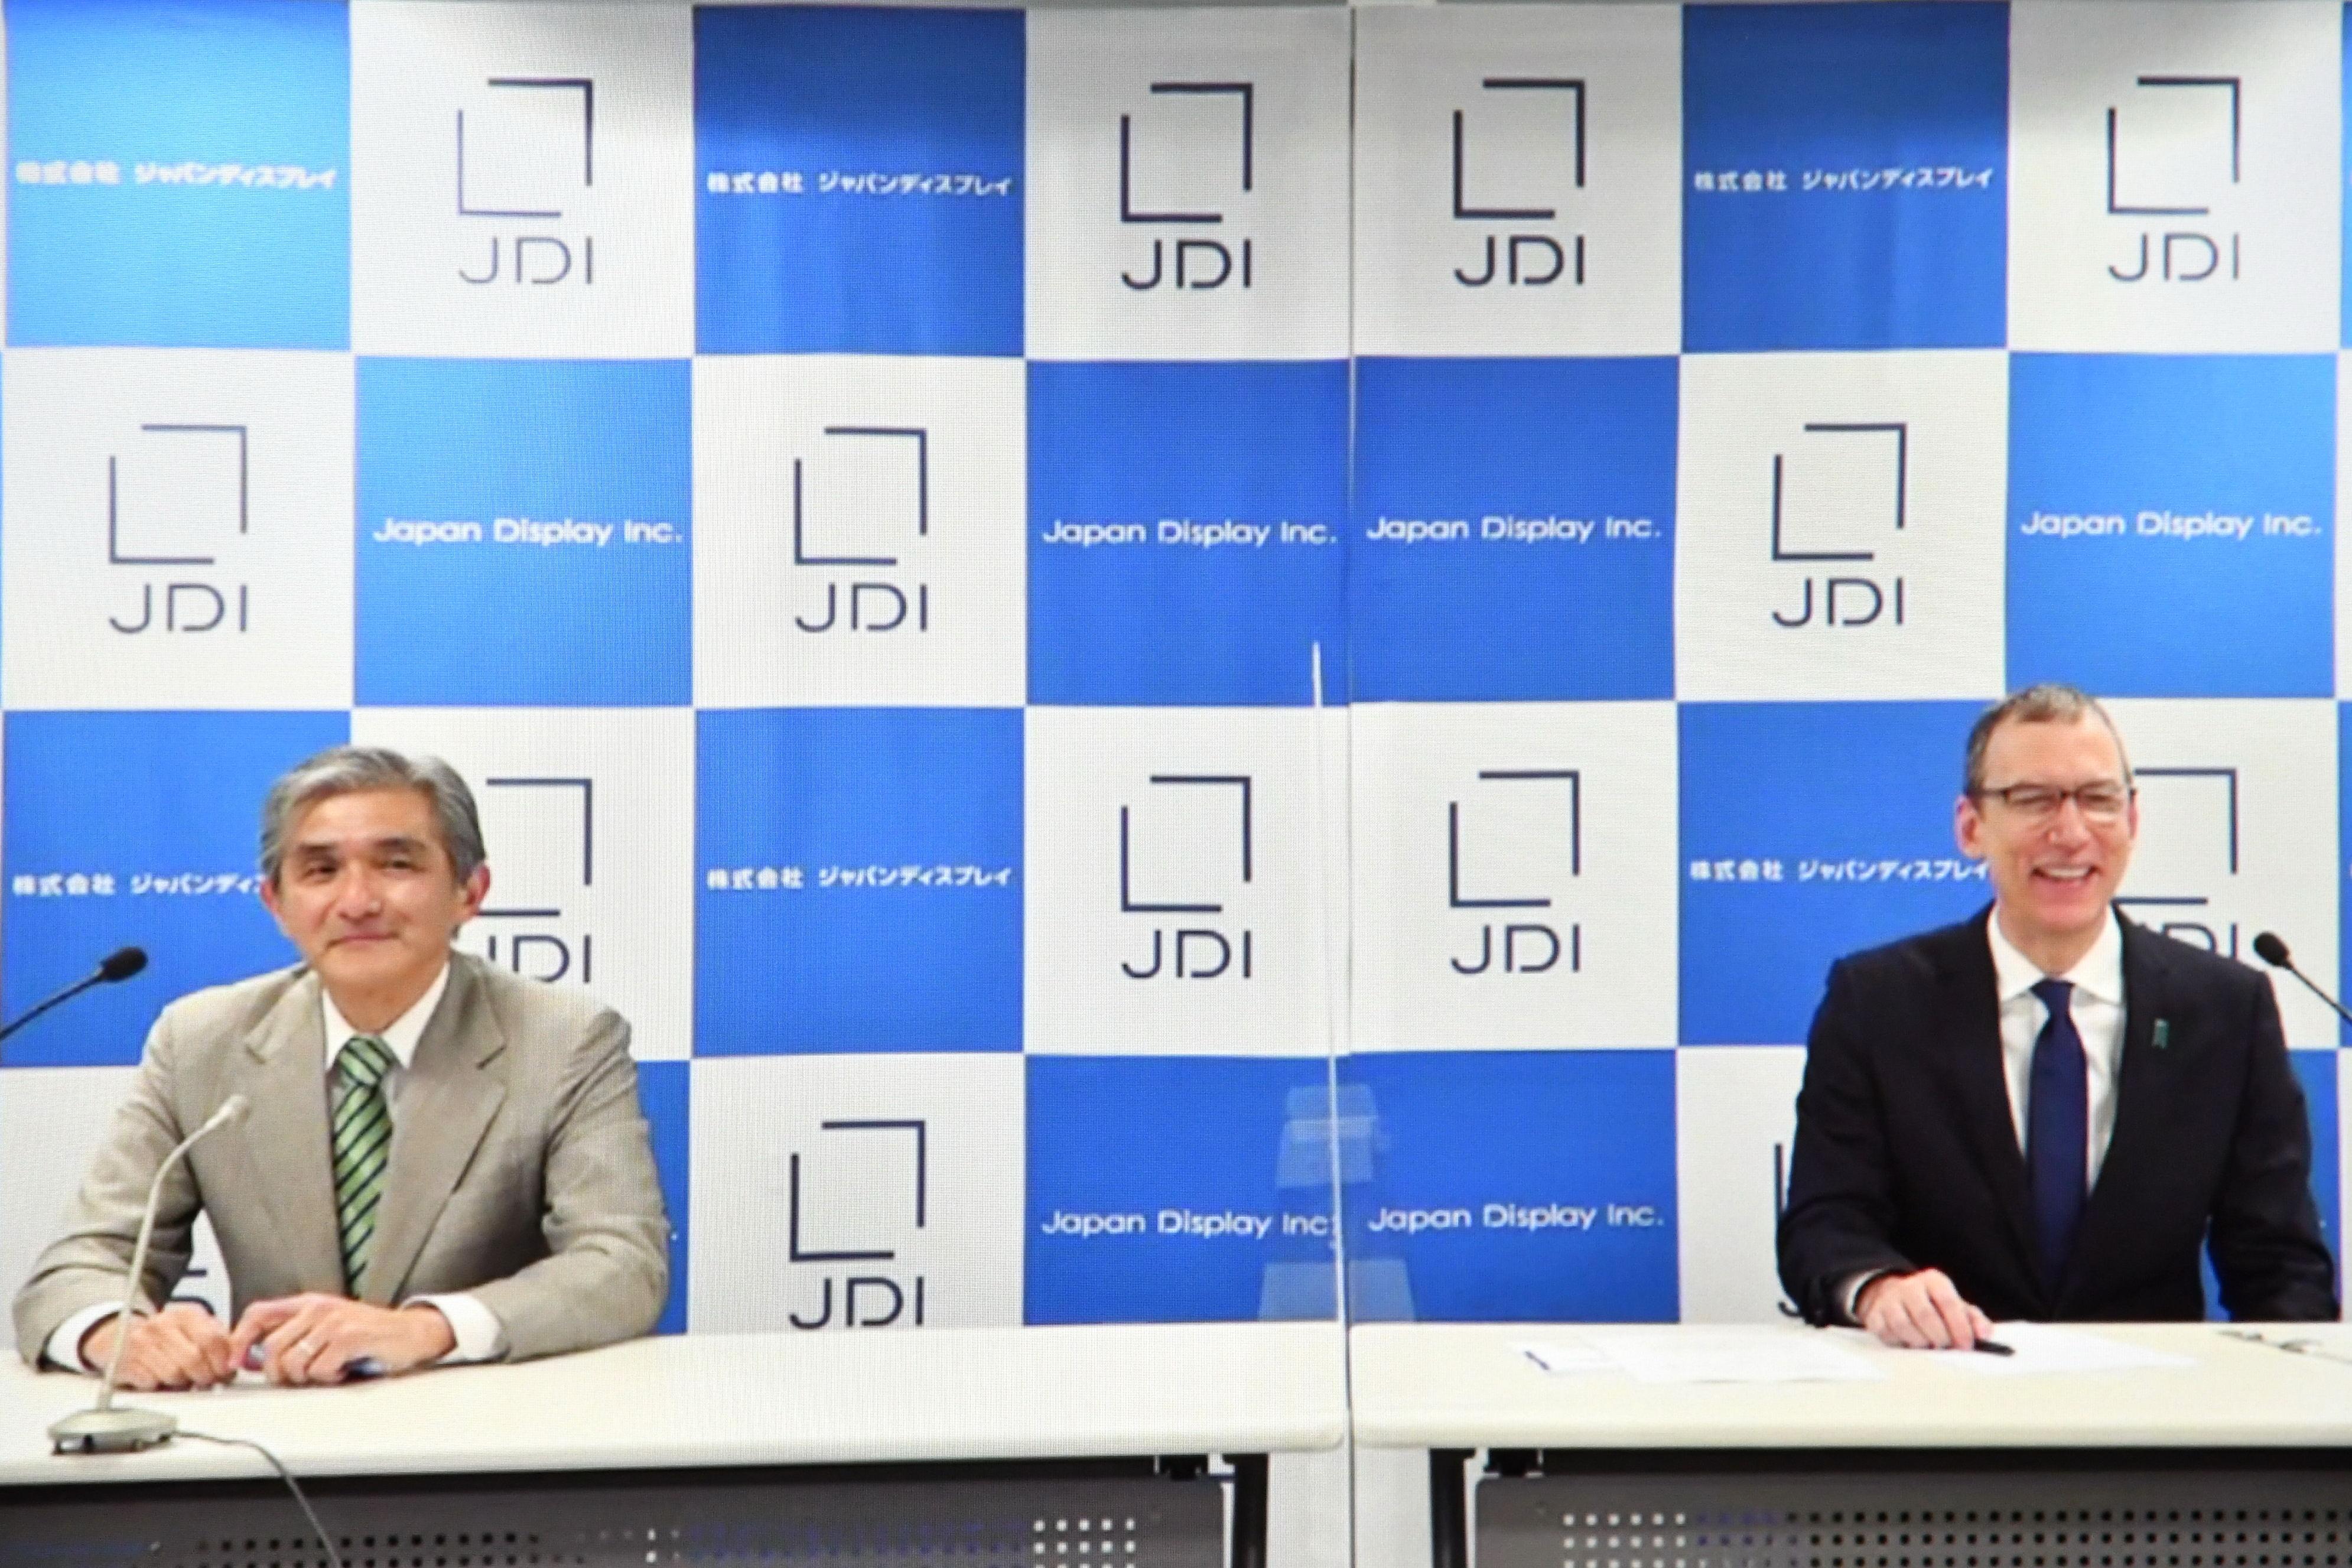 ジャパンディスプレイ、菊岡社長が退任 キャロン会長に決定機能一元化